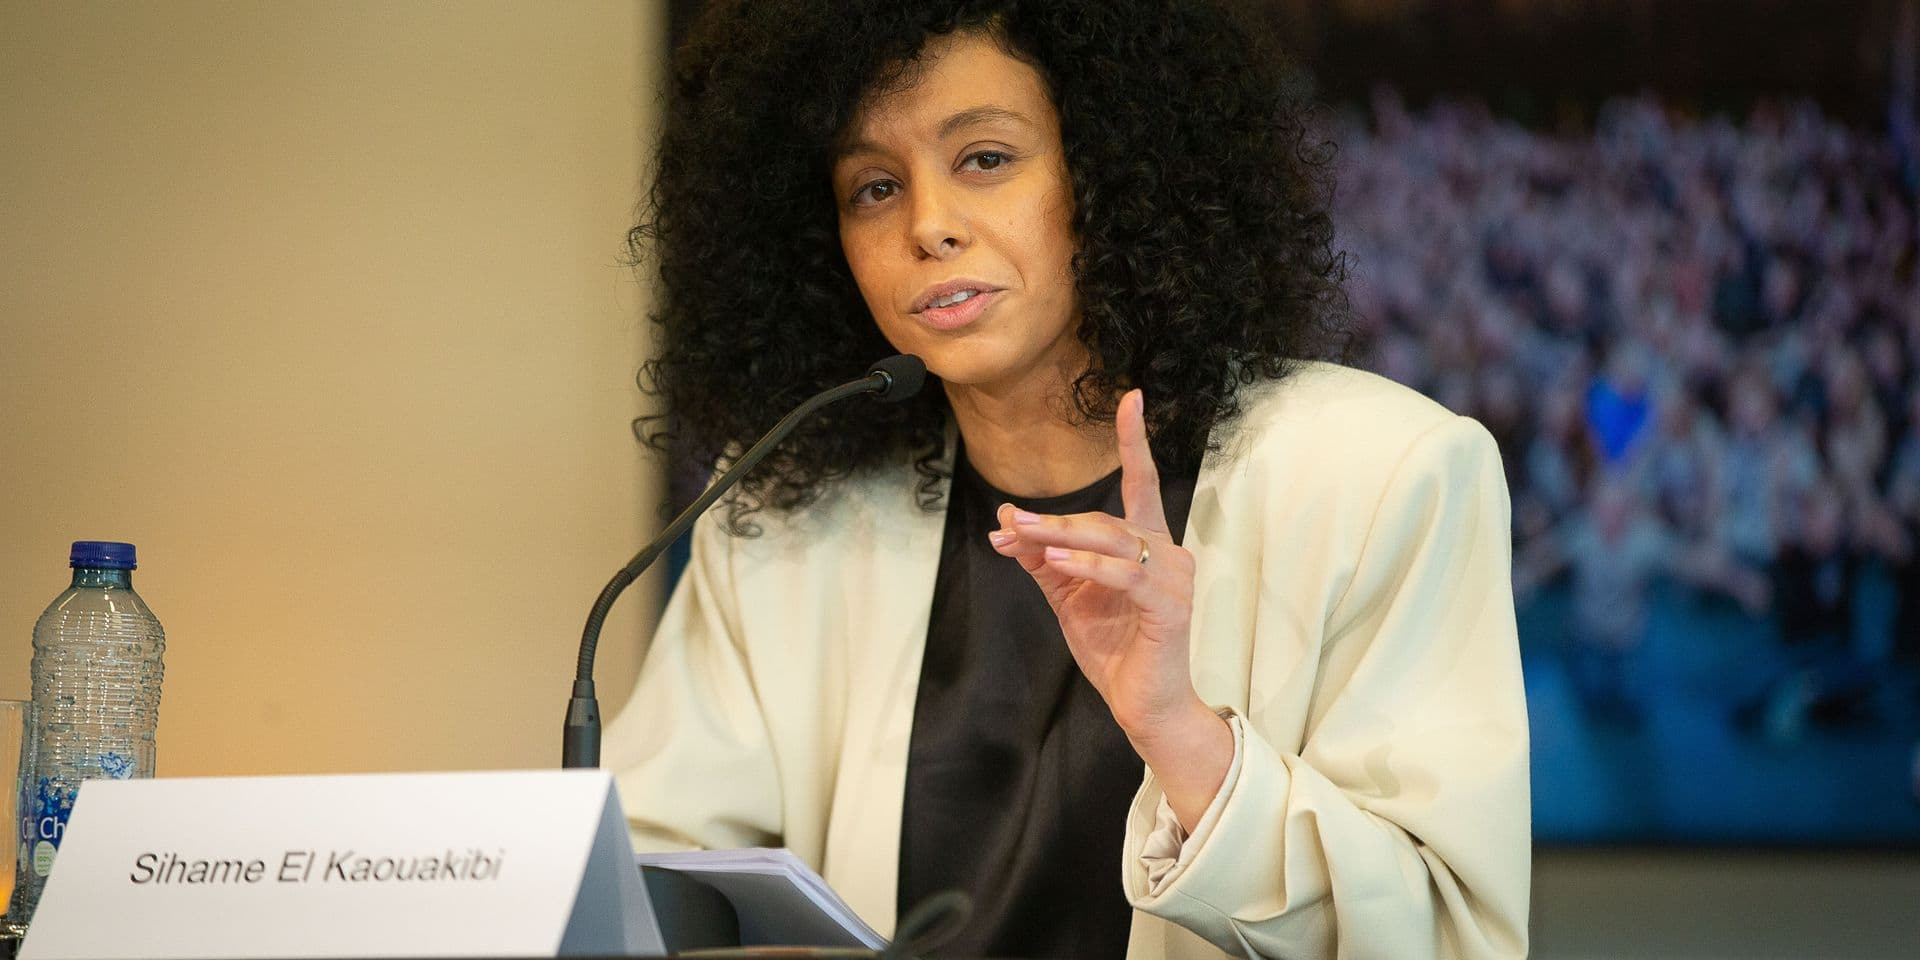 """""""Fraude organisée et contre-vérités hallucinantes"""" : le rapport accablant pour l'ASBL de la députée El Kaouakibi"""